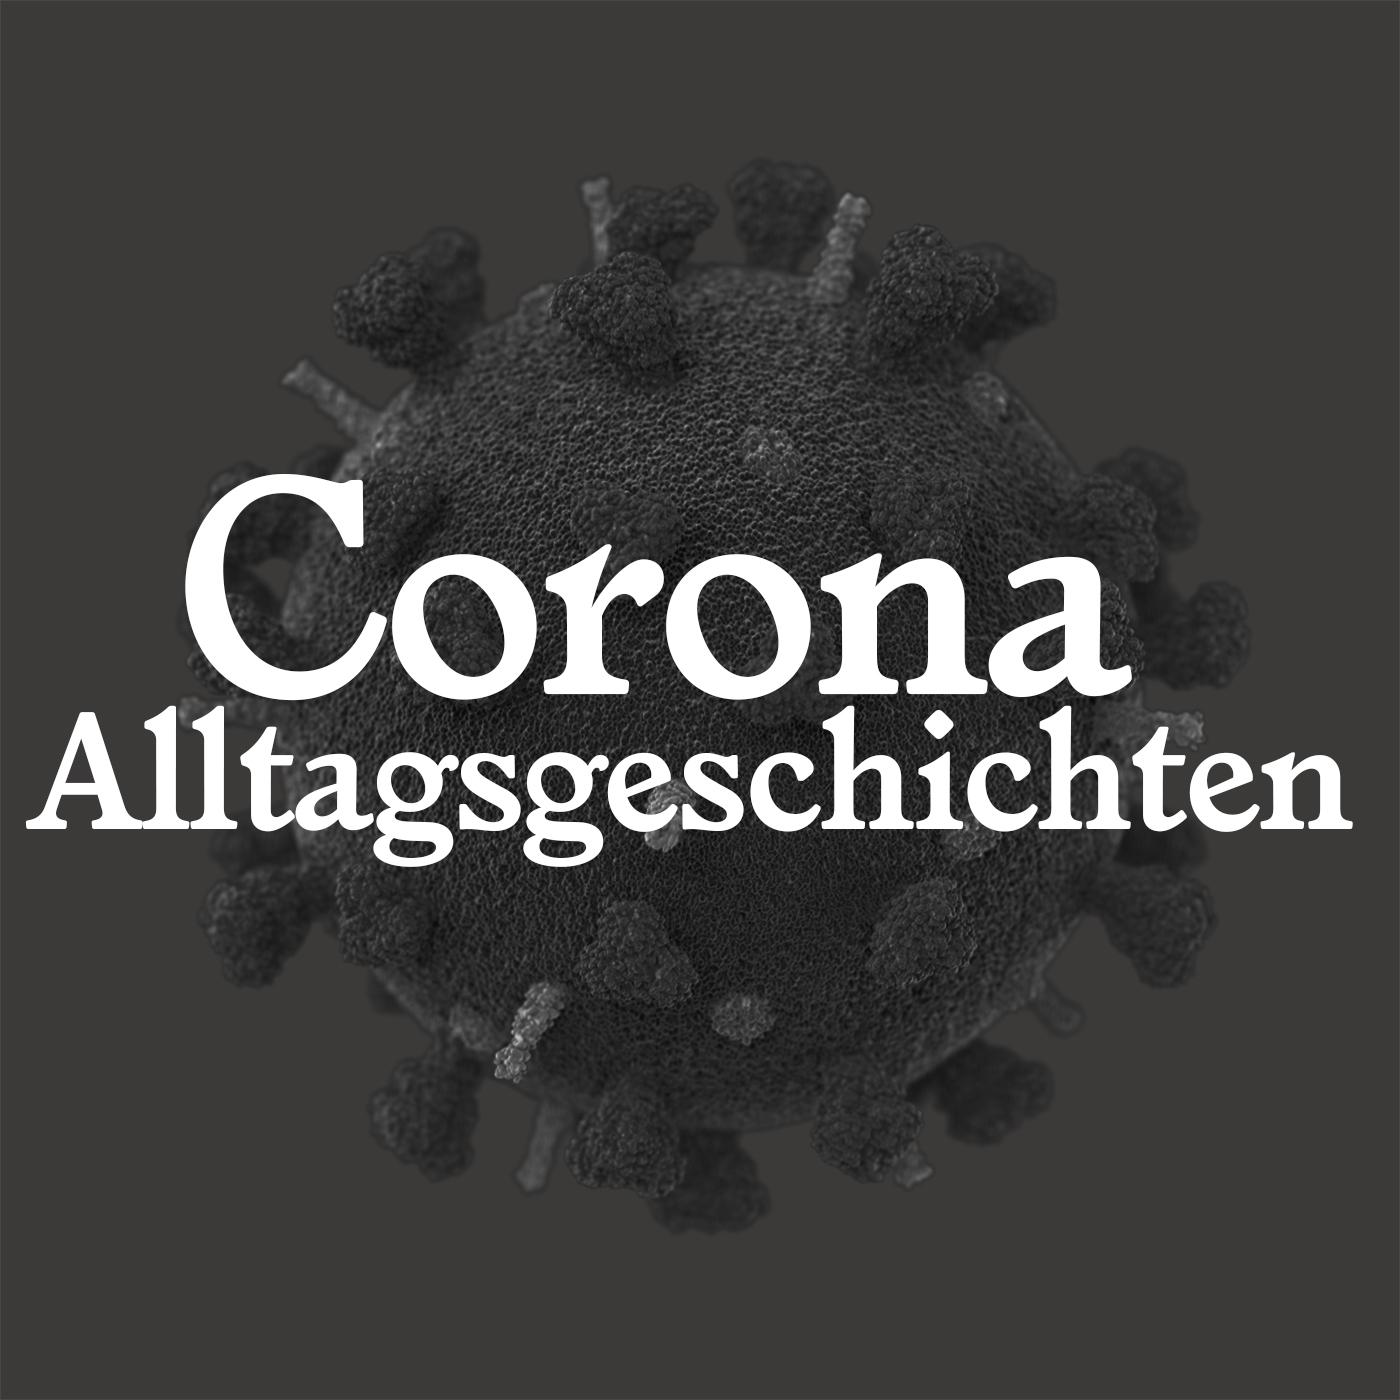 """""""Wir alle sind in einer irrsinnigen Entzugssituation"""" – Corona-Alltagsgeschichten"""